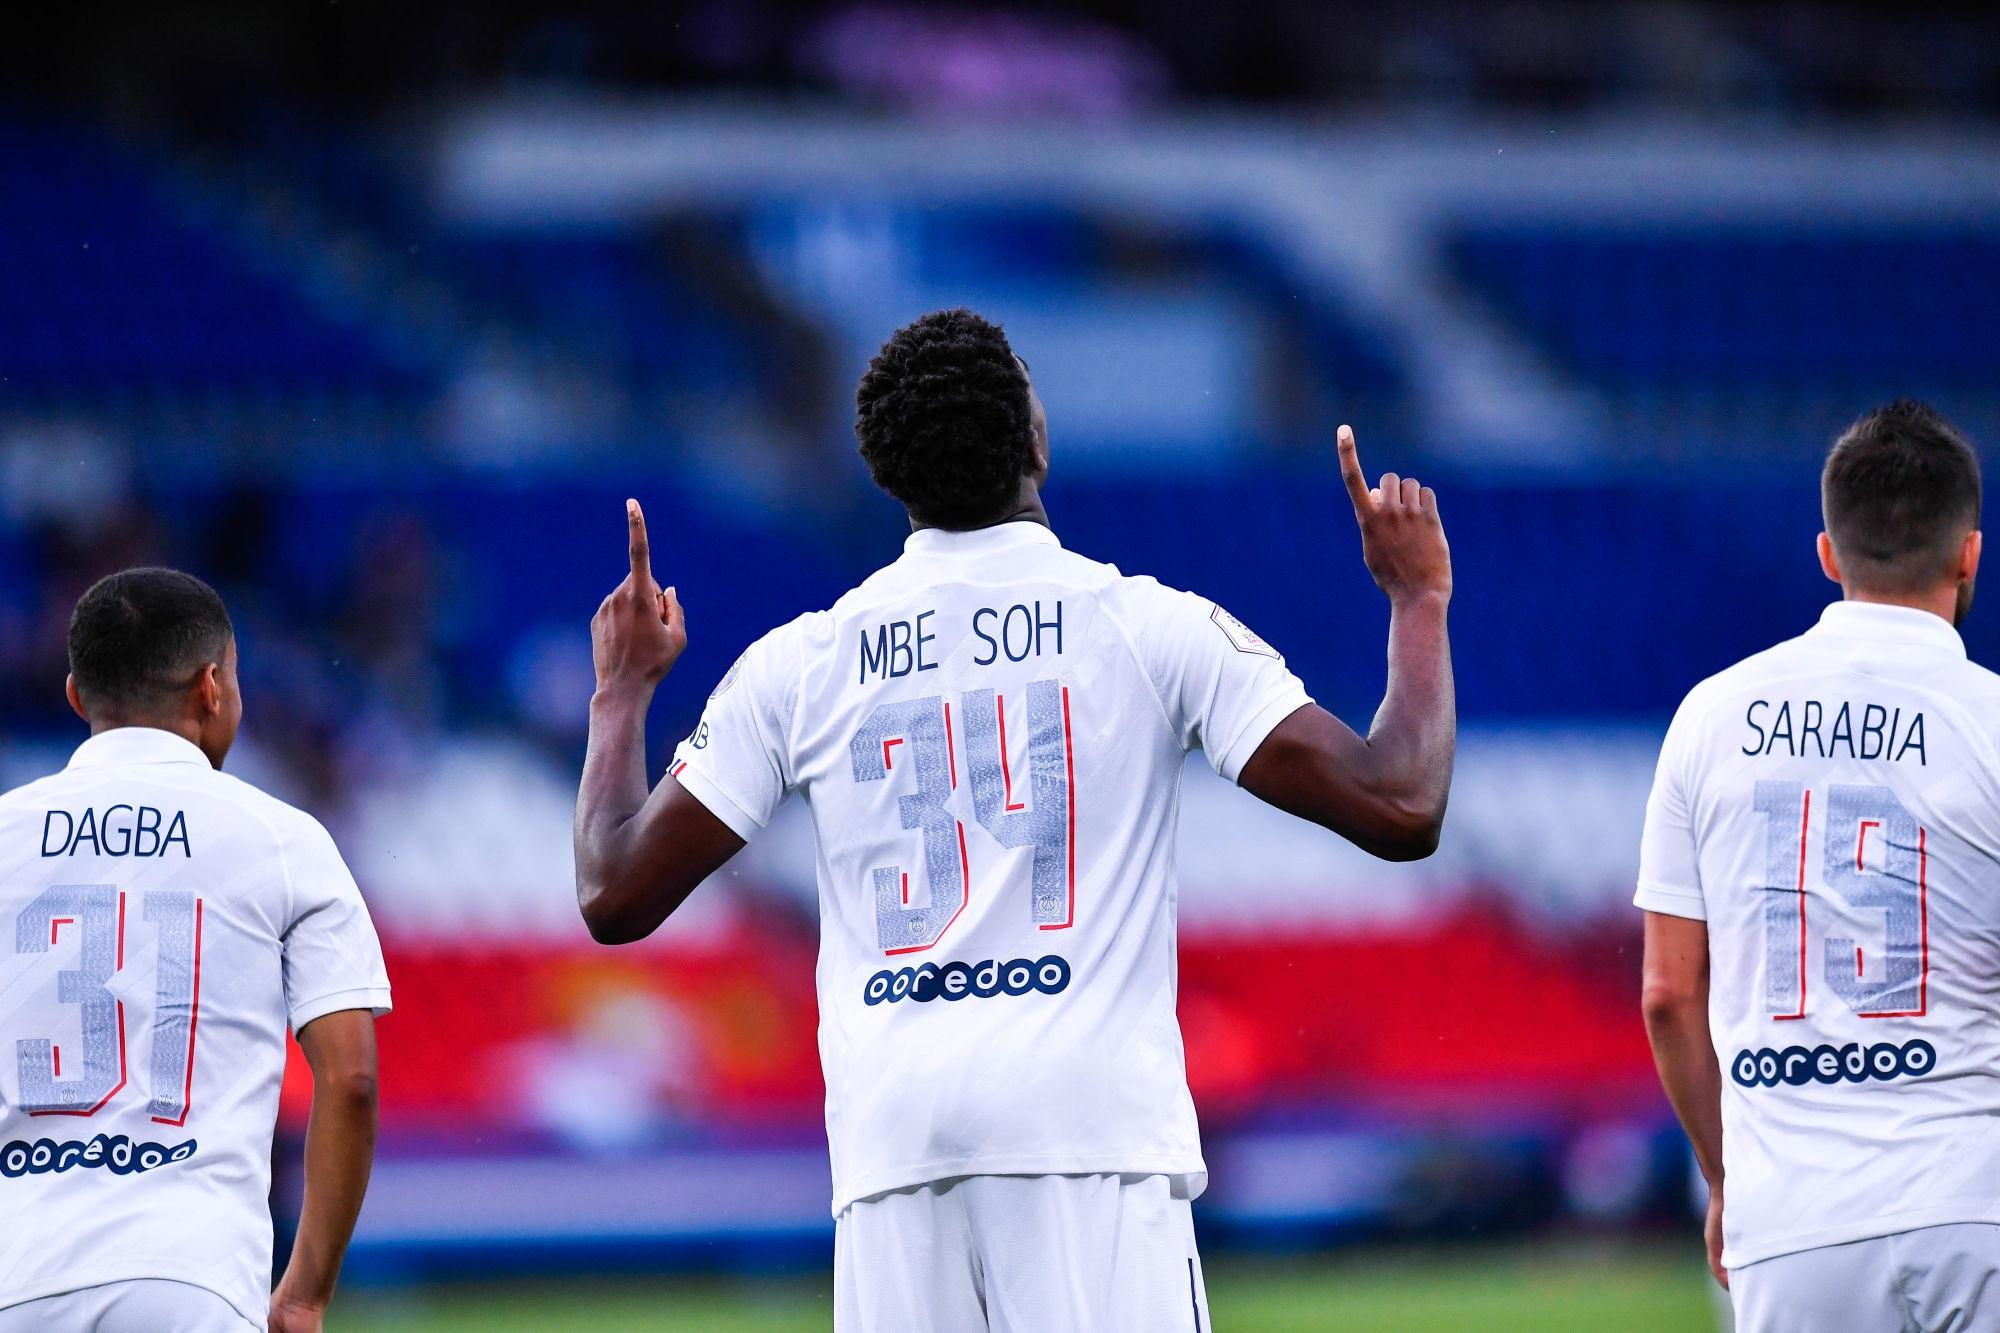 Mercato - Mbe Soh a repoussé la prolongation au PSG, Nottingham a contacté le club selon Goal